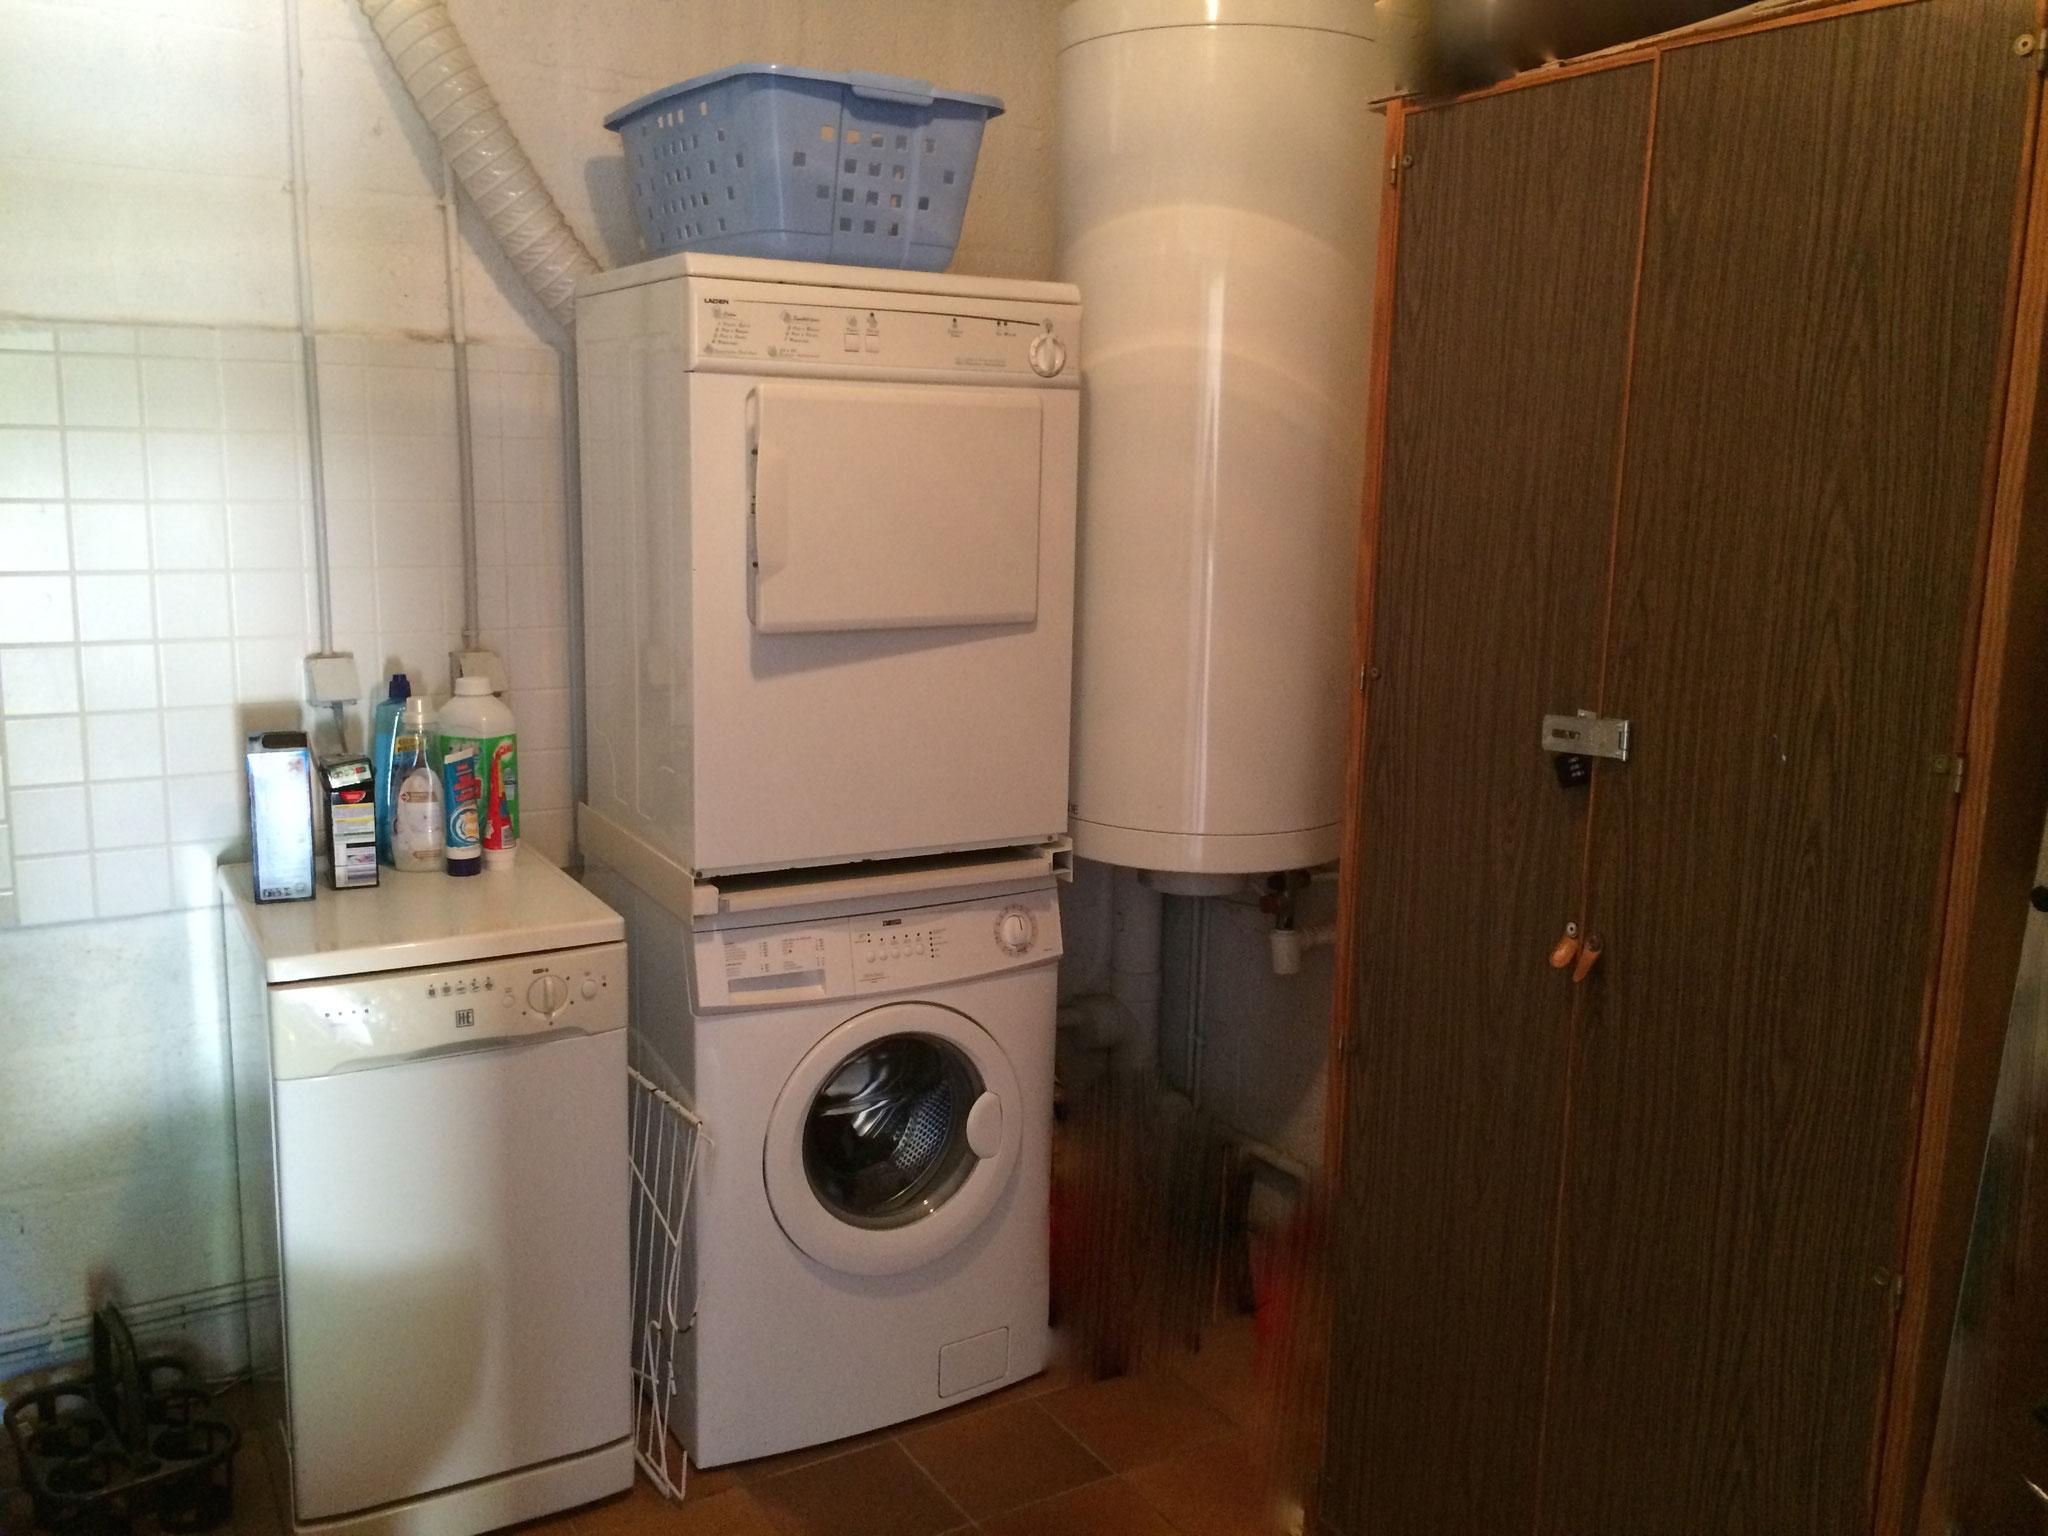 Bijkeuken met apparatuur (wasmachine, droger, afwasmachine, extra koelkast)